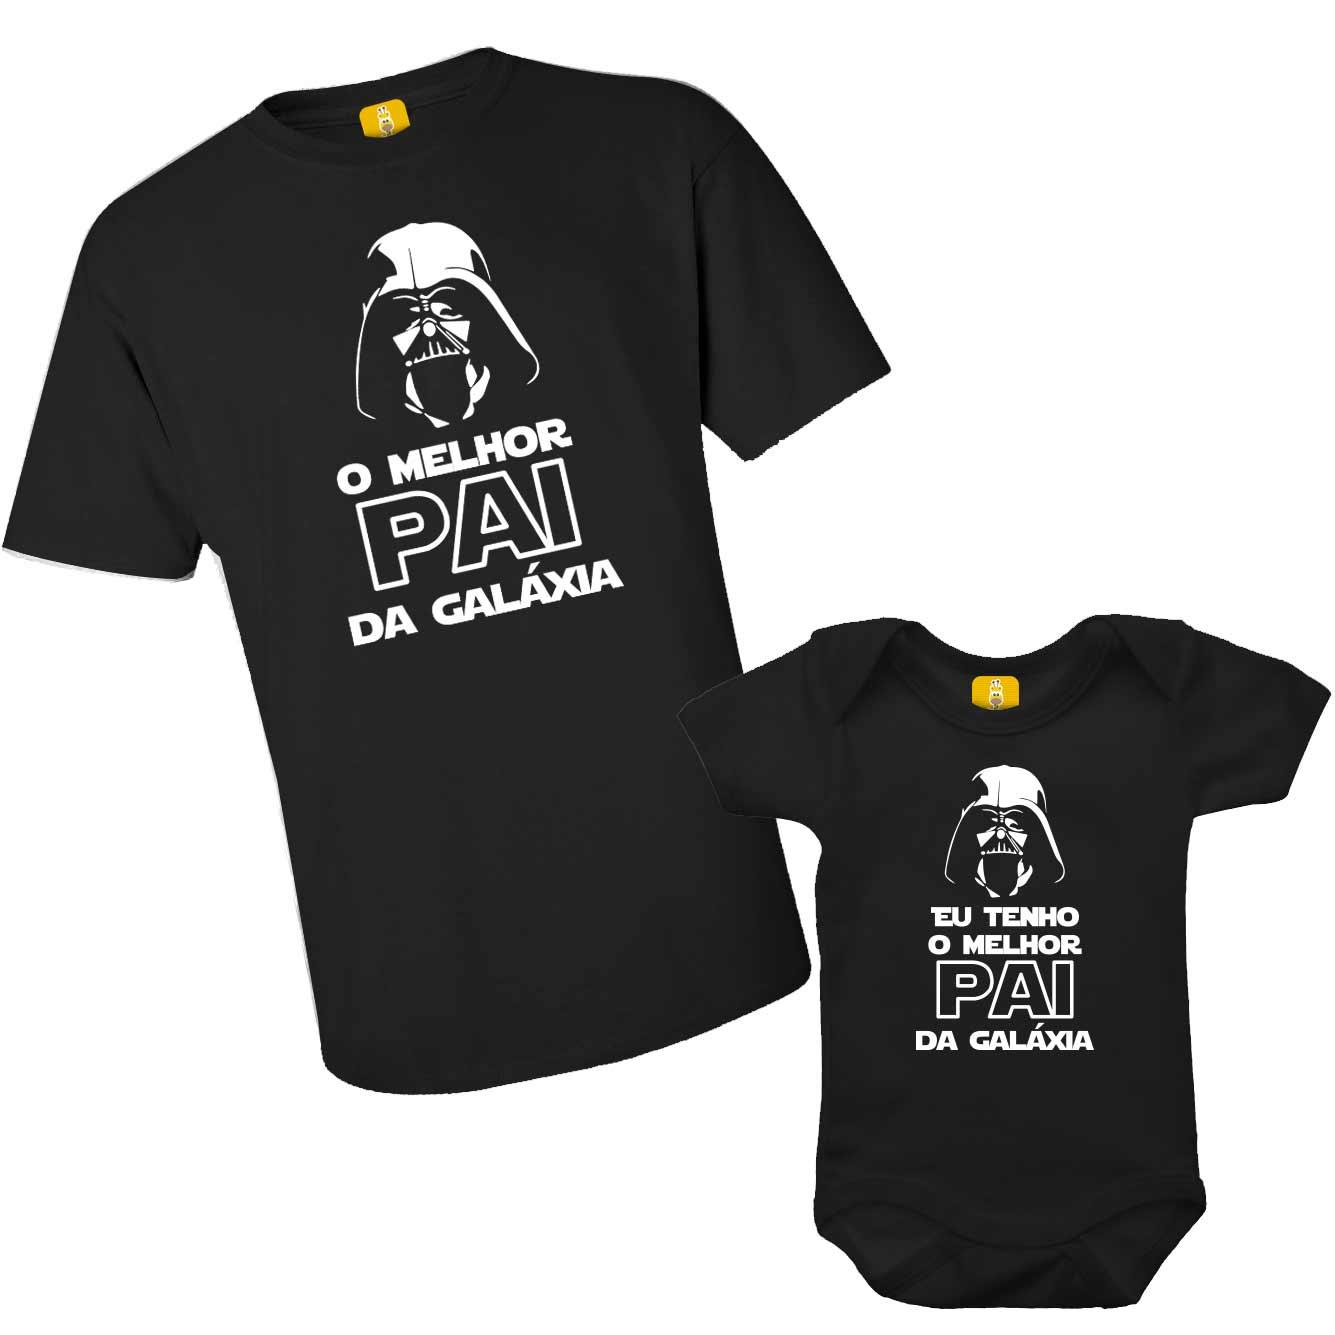 Kit camiseta star wars - O melhor pai da galáxia